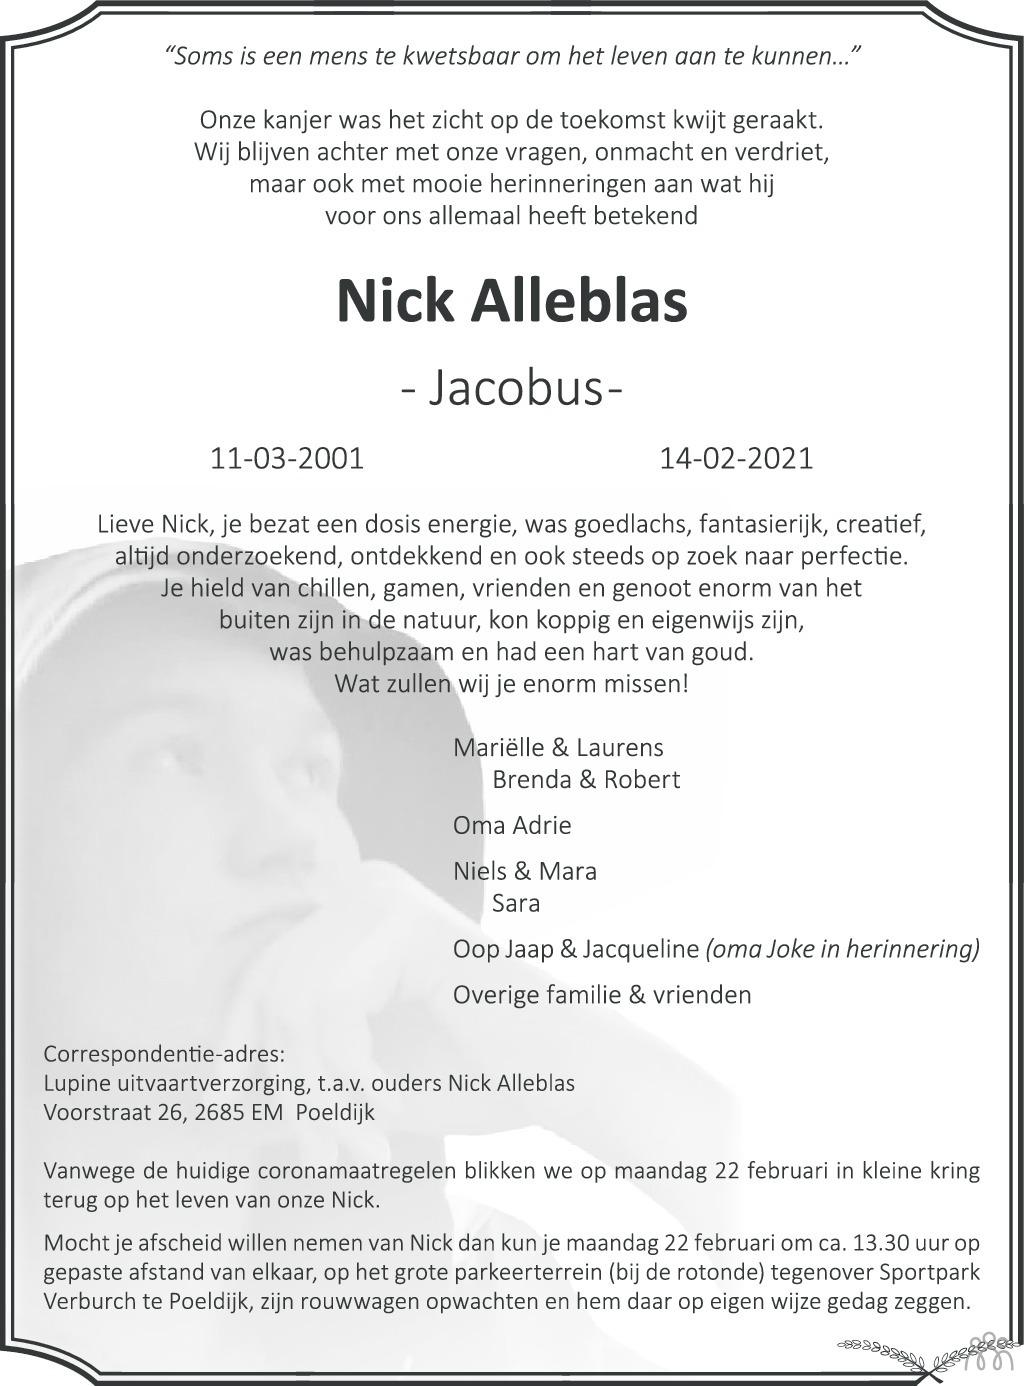 Overlijdensbericht van Nick (Jacobus) Alleblas in AD Algemeen Dagblad